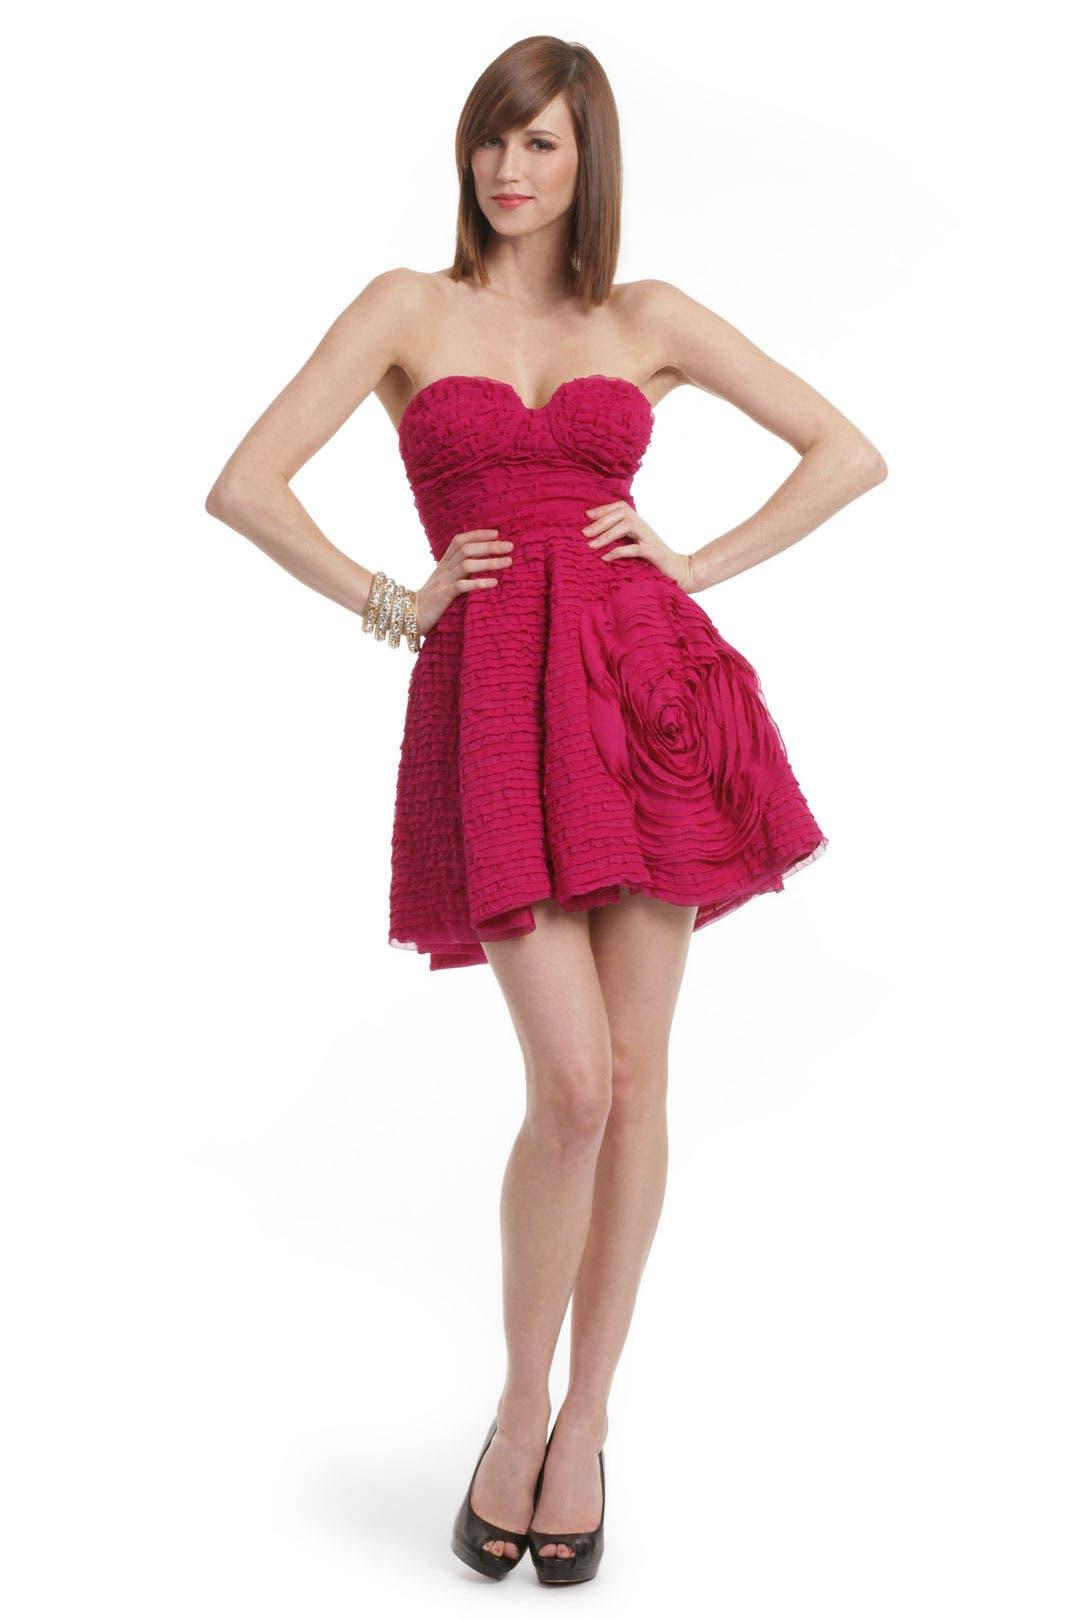 Sweetie Pie Dress by Diane von Furstenberg